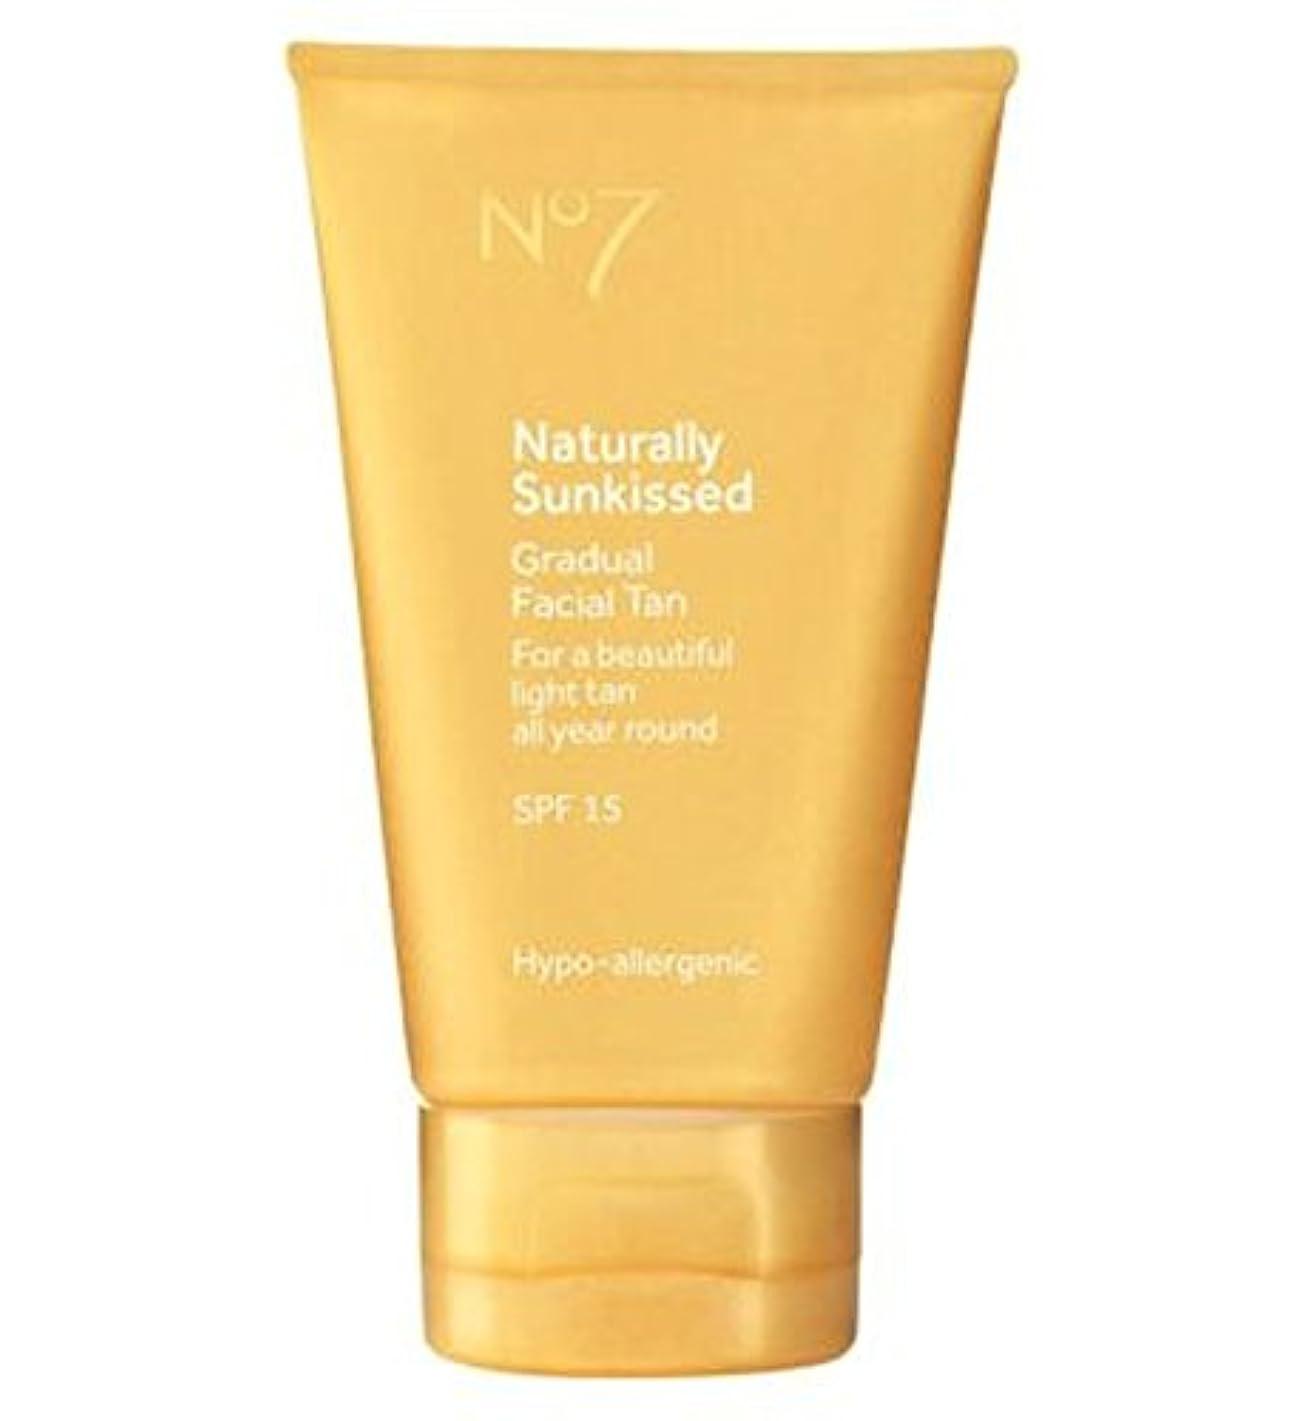 時期尚早なぞらえるセイはさておきNo7 Naturally Sun Kissed Gradual Face Tan SP15 - No7は自然に太陽が緩やかな顔日焼けSp15にキスをしました (No7) [並行輸入品]